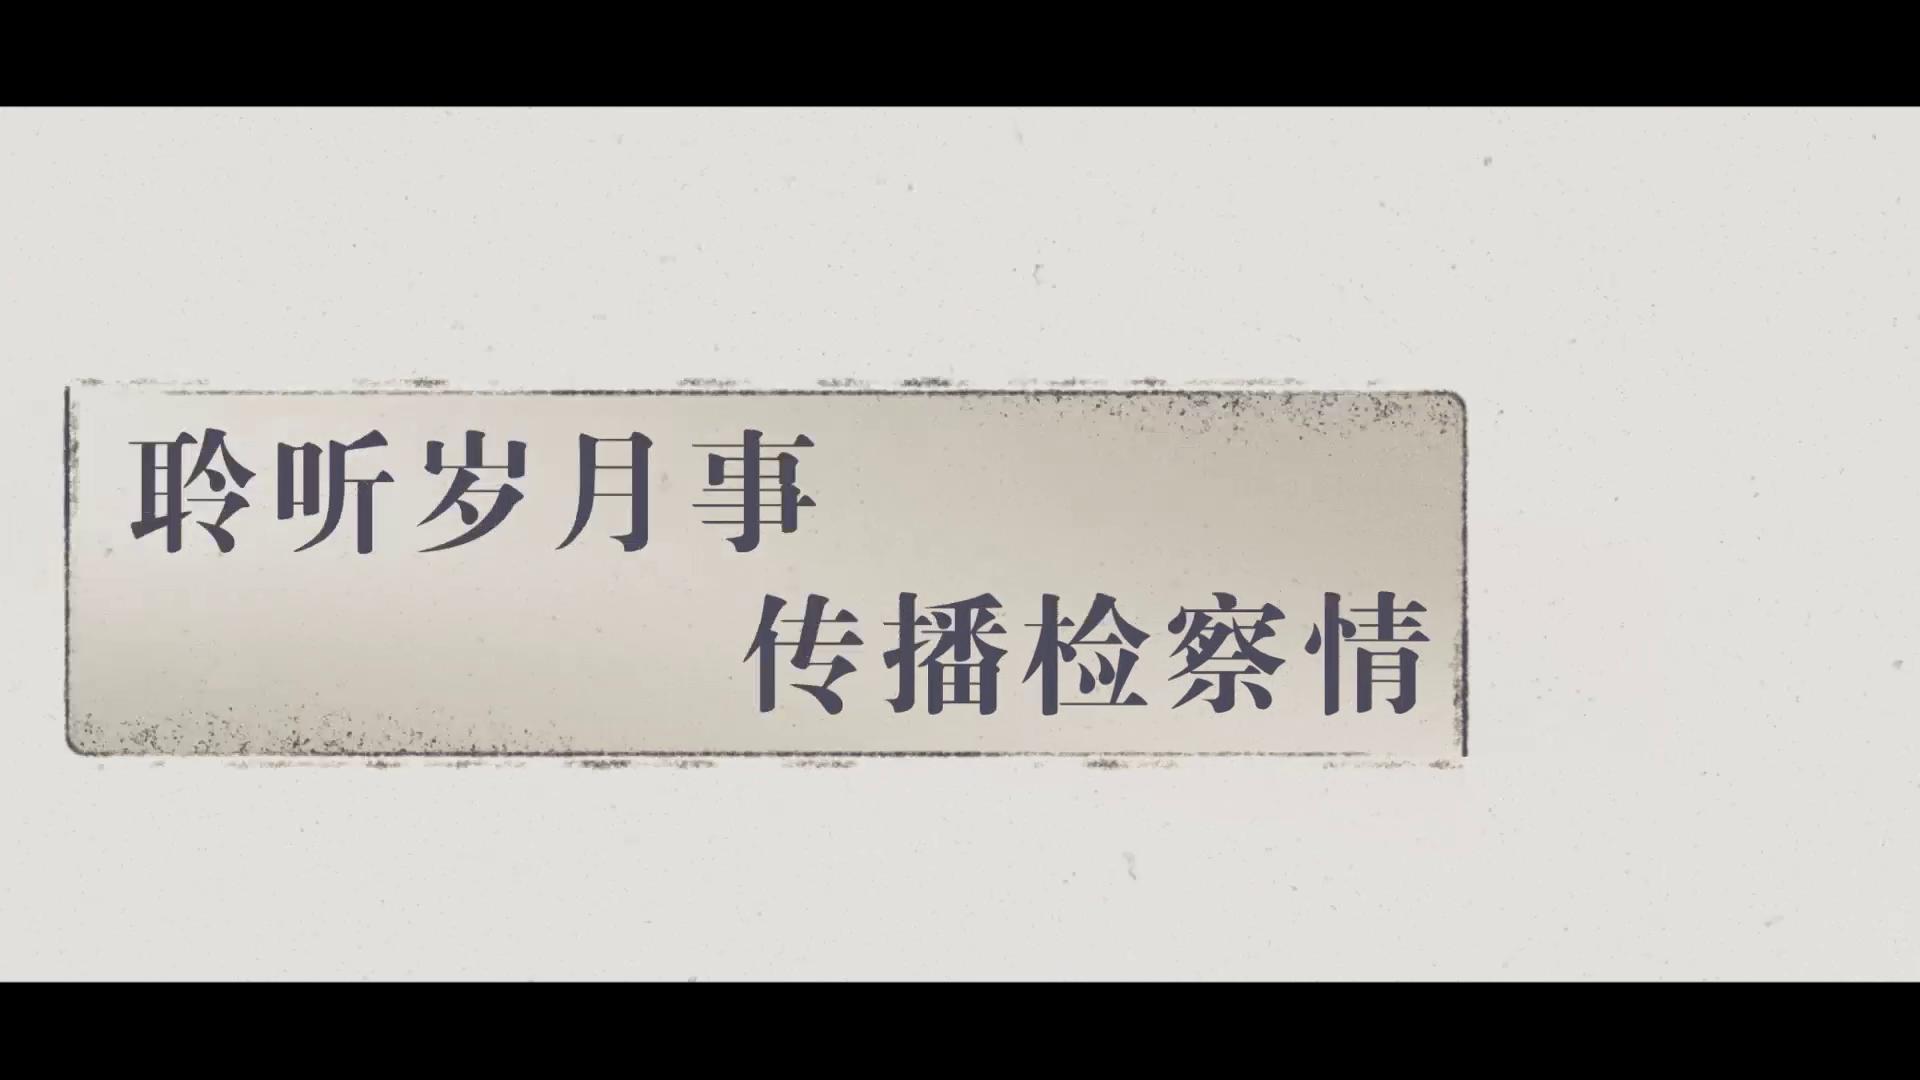 西安市人民检察院:聆听岁月事 传播检察情